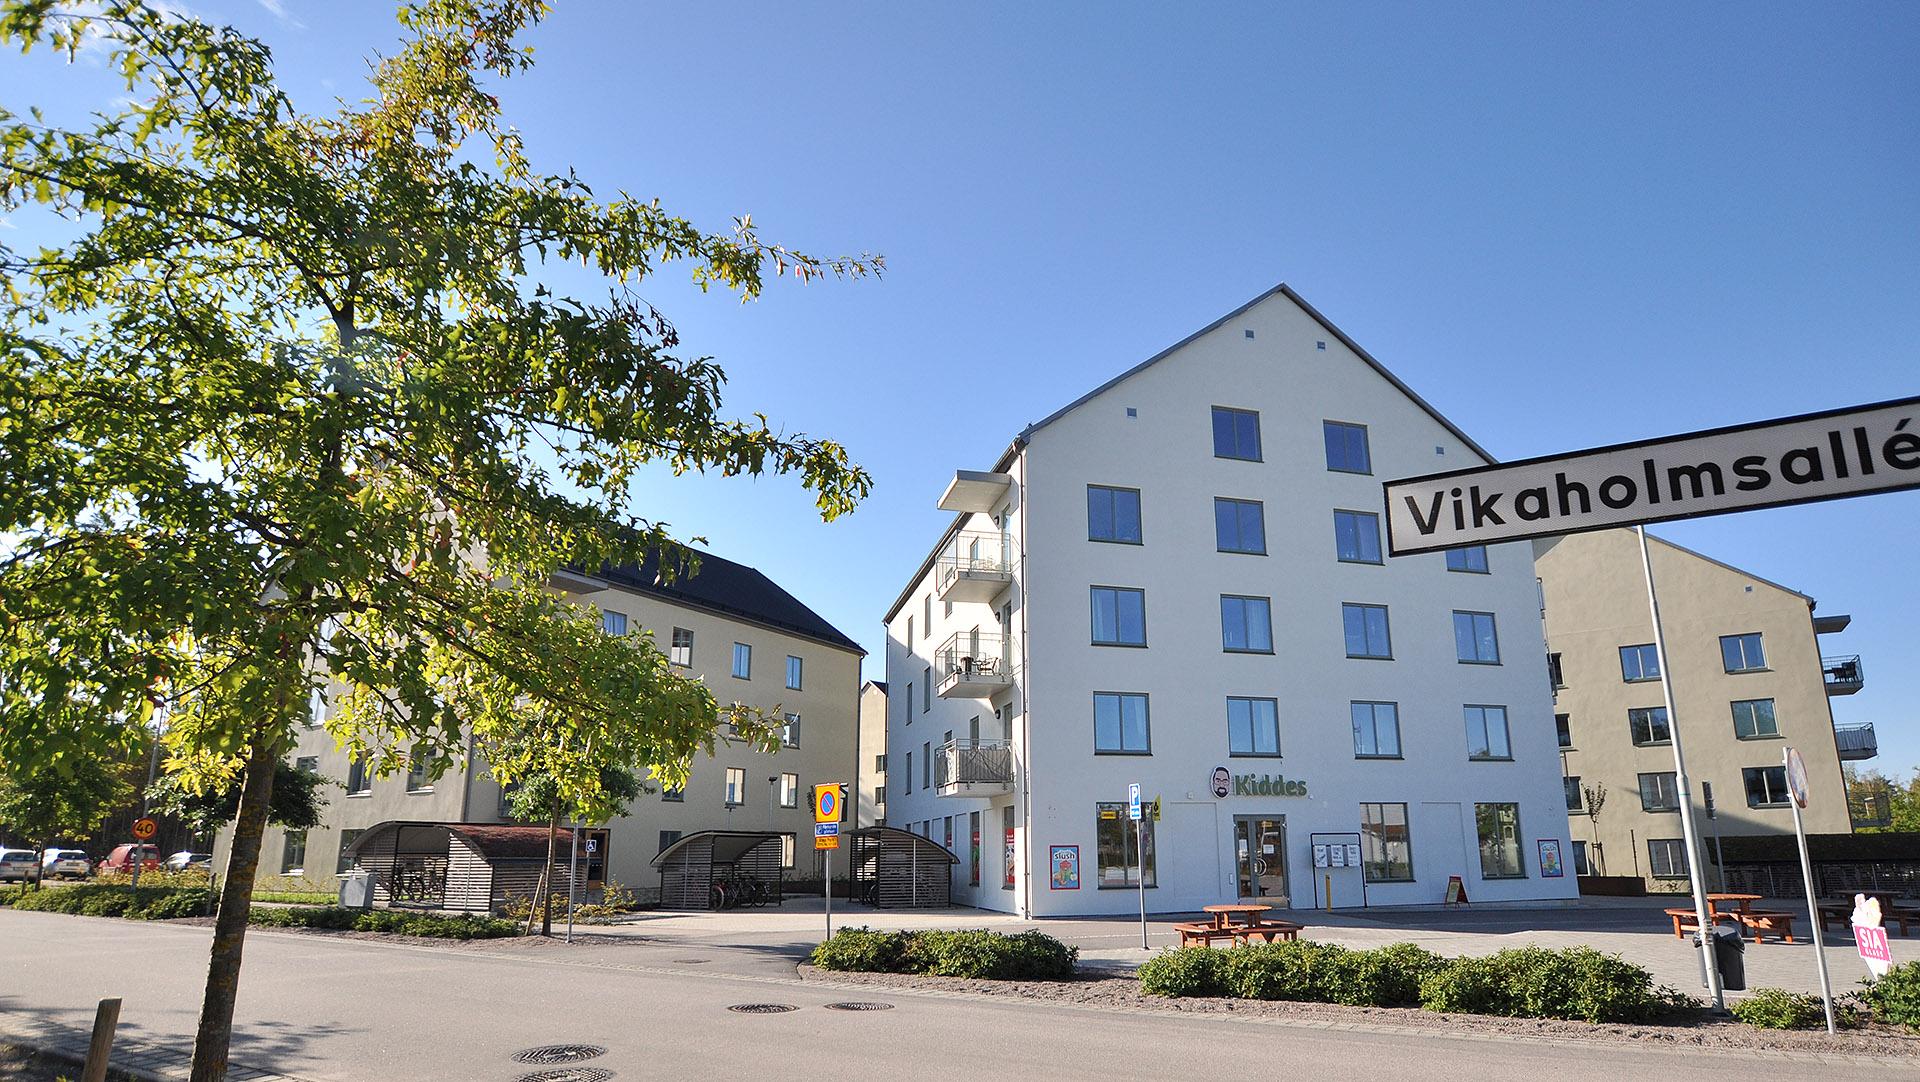 Kv Dörren 2 - Hyresrätter på Vikaholm i Växjö